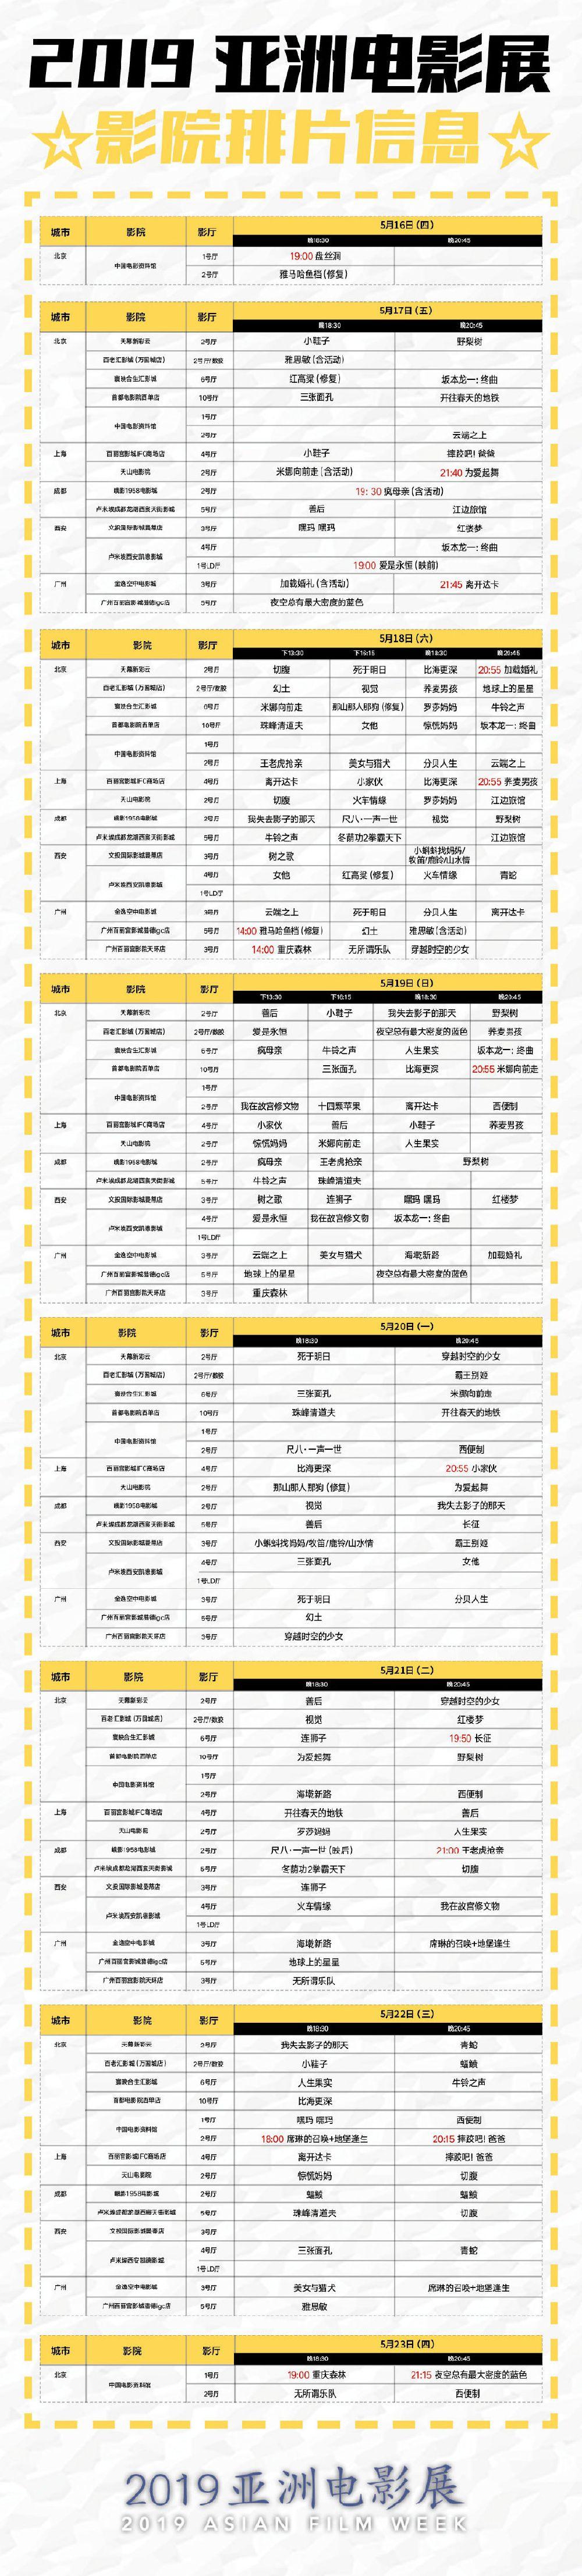 2019亚洲电影展排片表(时间 影院)